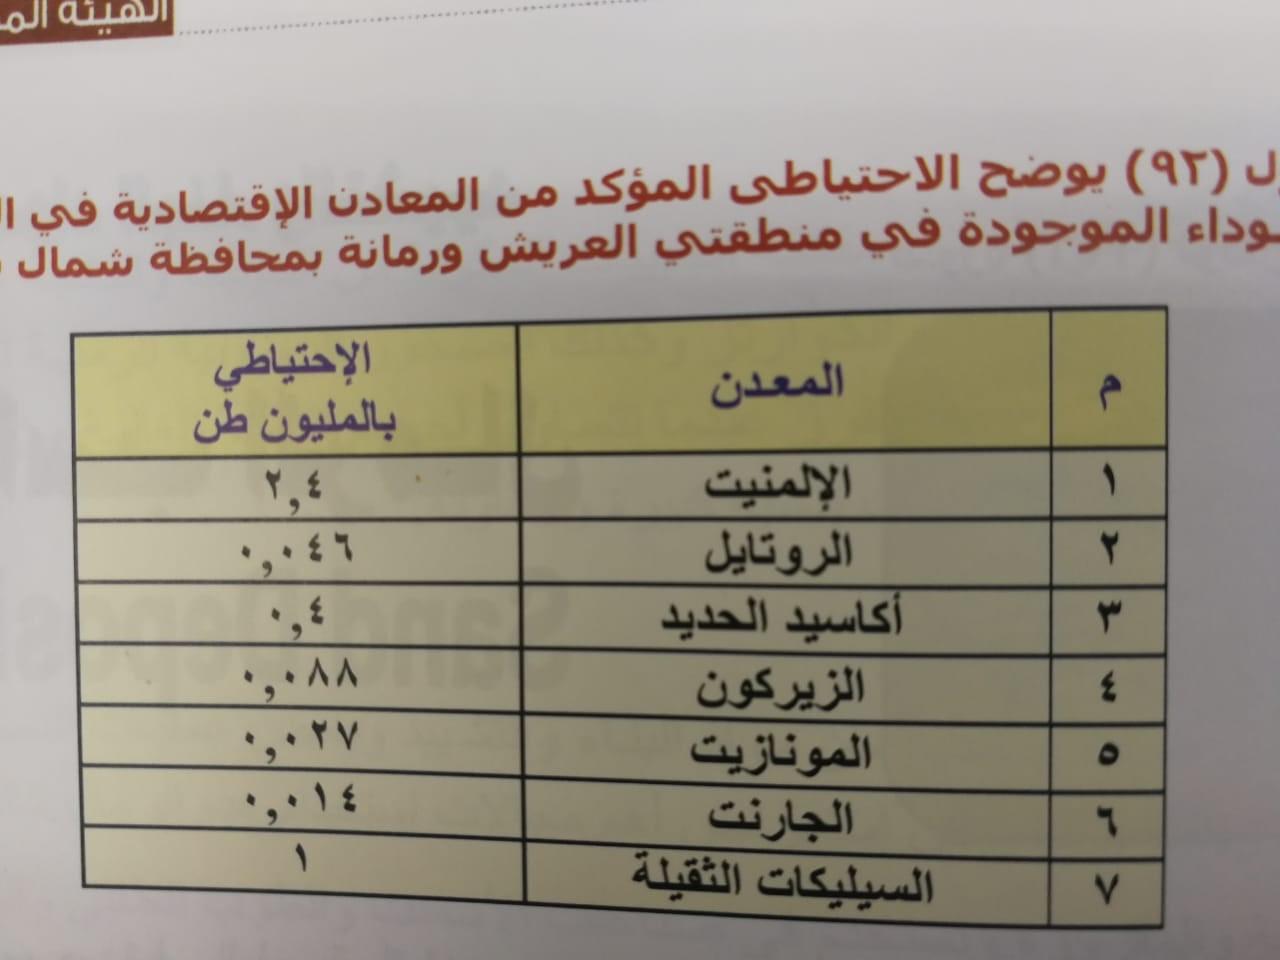 مصر تمتلك  أحد عشر موقعا  للرمال السوداء على طول الساحل  الشمالي (1)